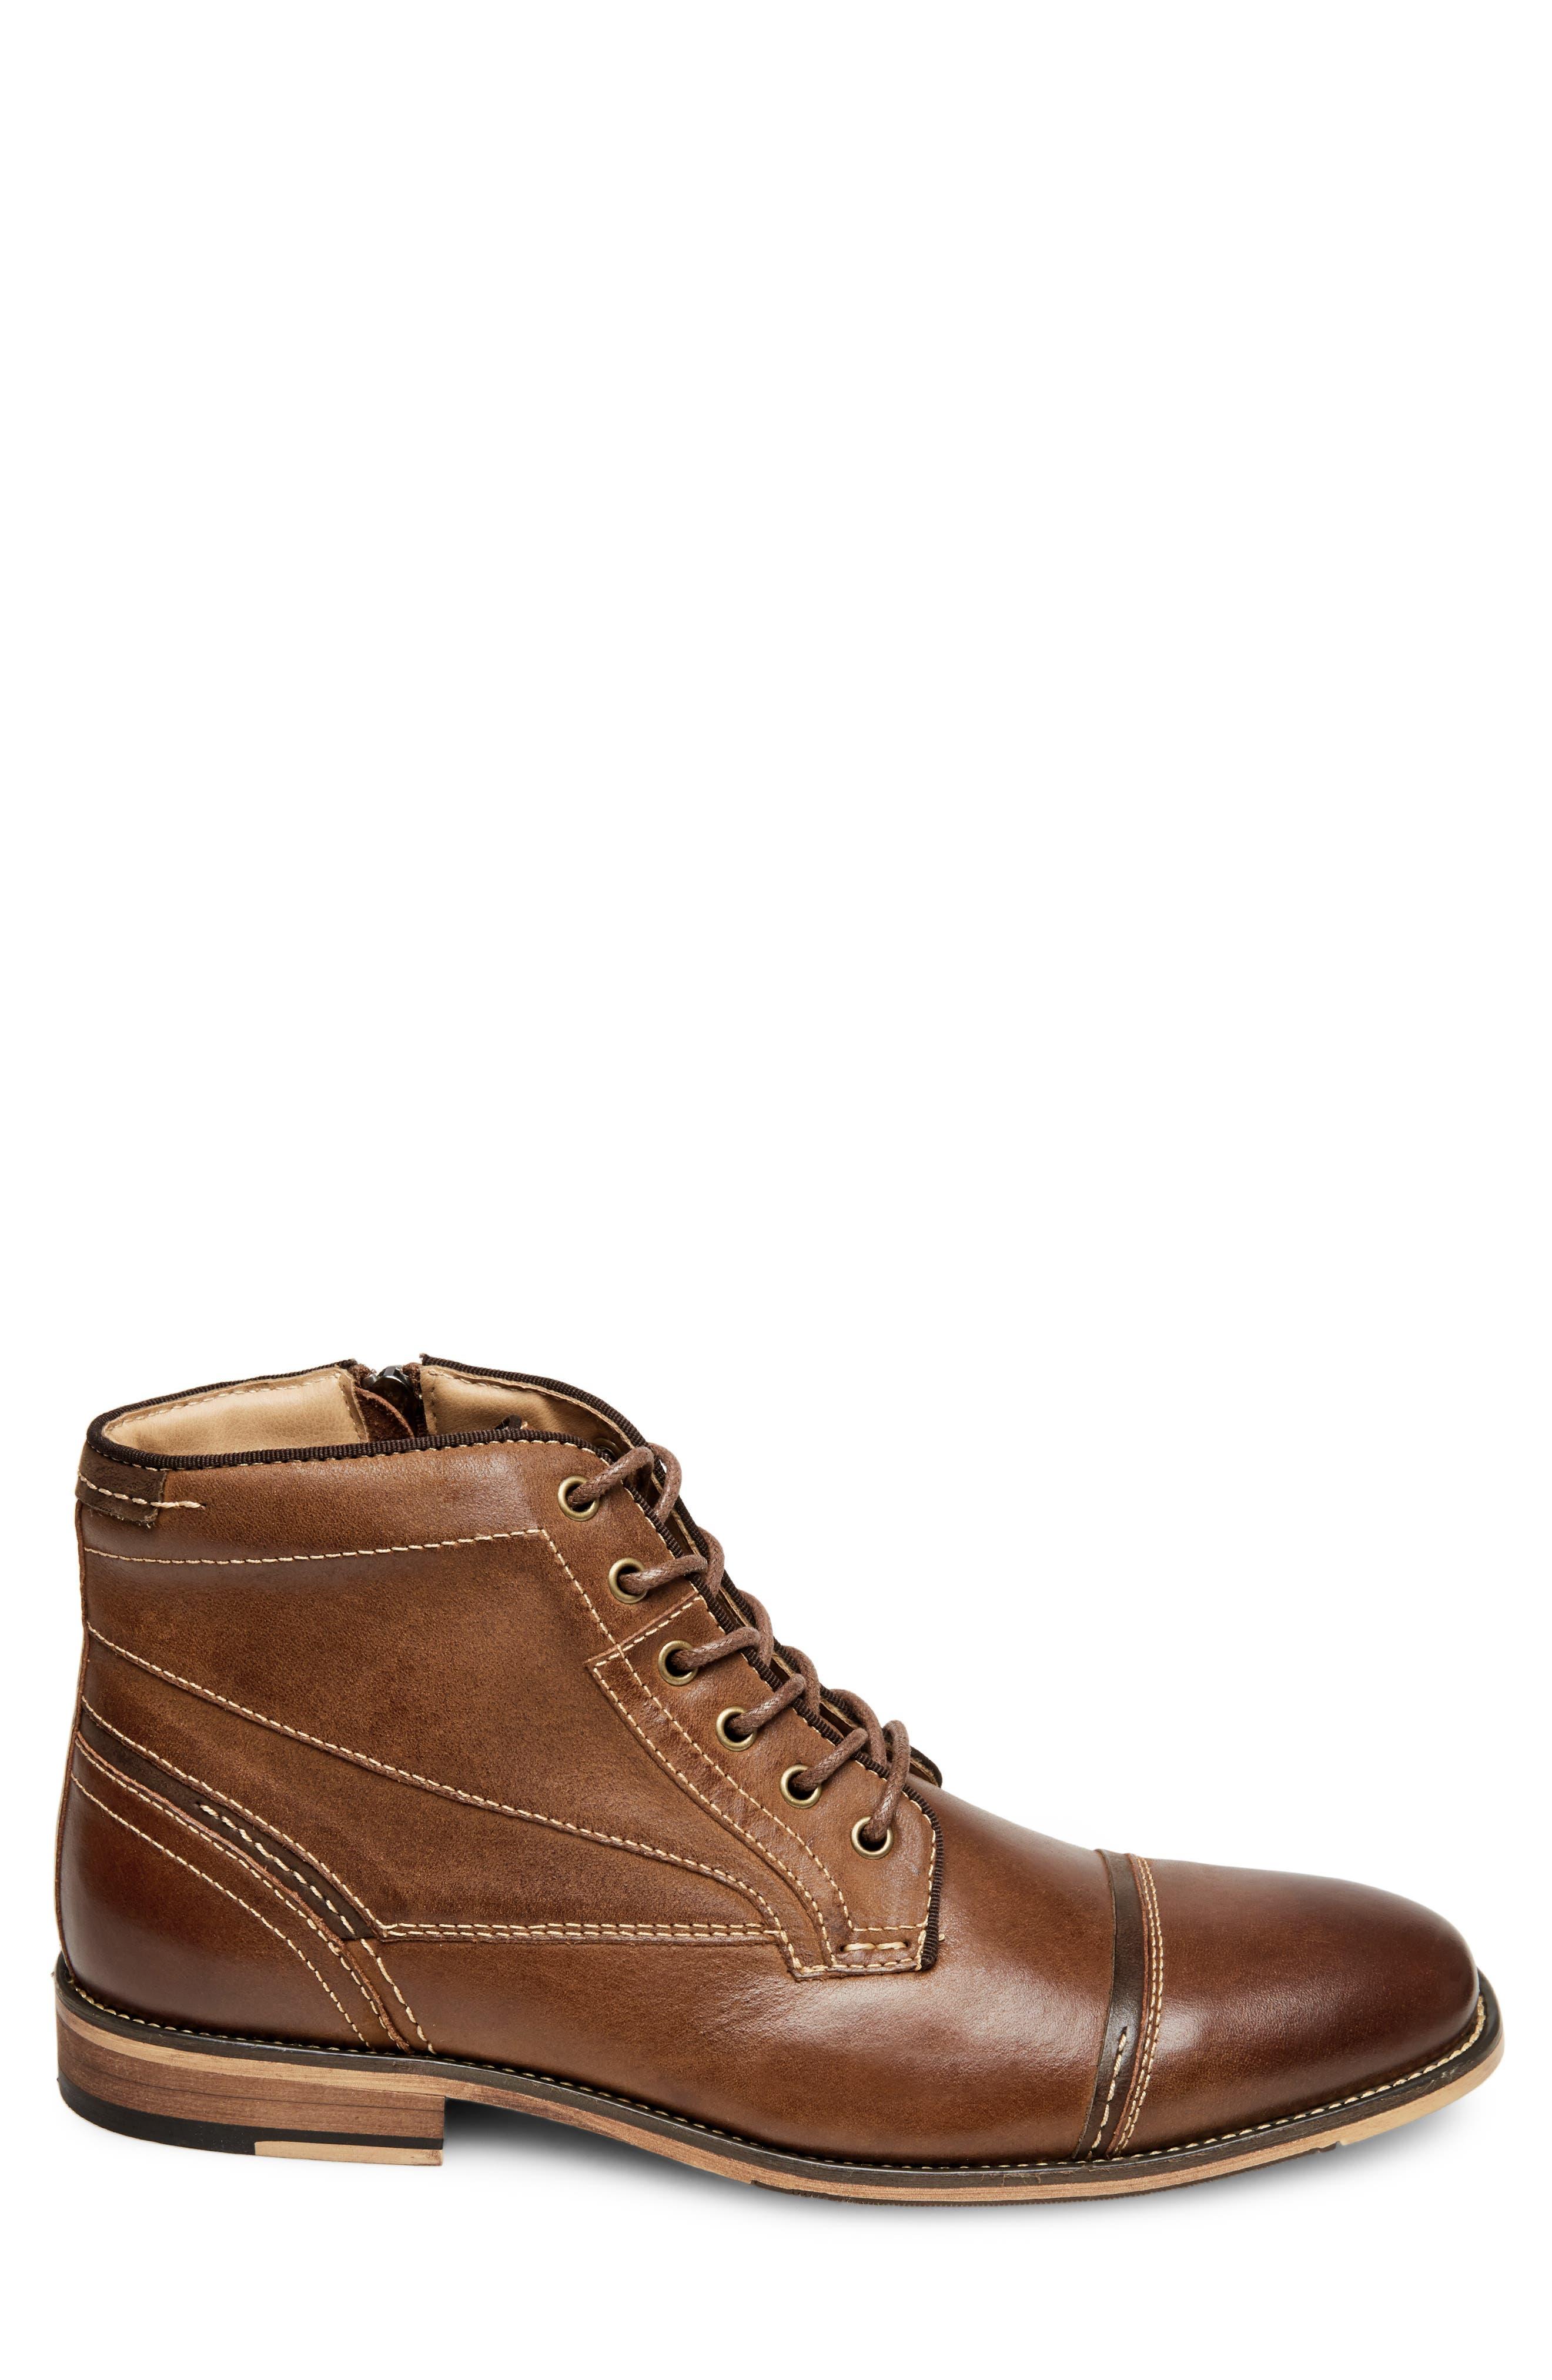 Jeffries Cap Toe Boot,                             Alternate thumbnail 3, color,                             DARK TAN